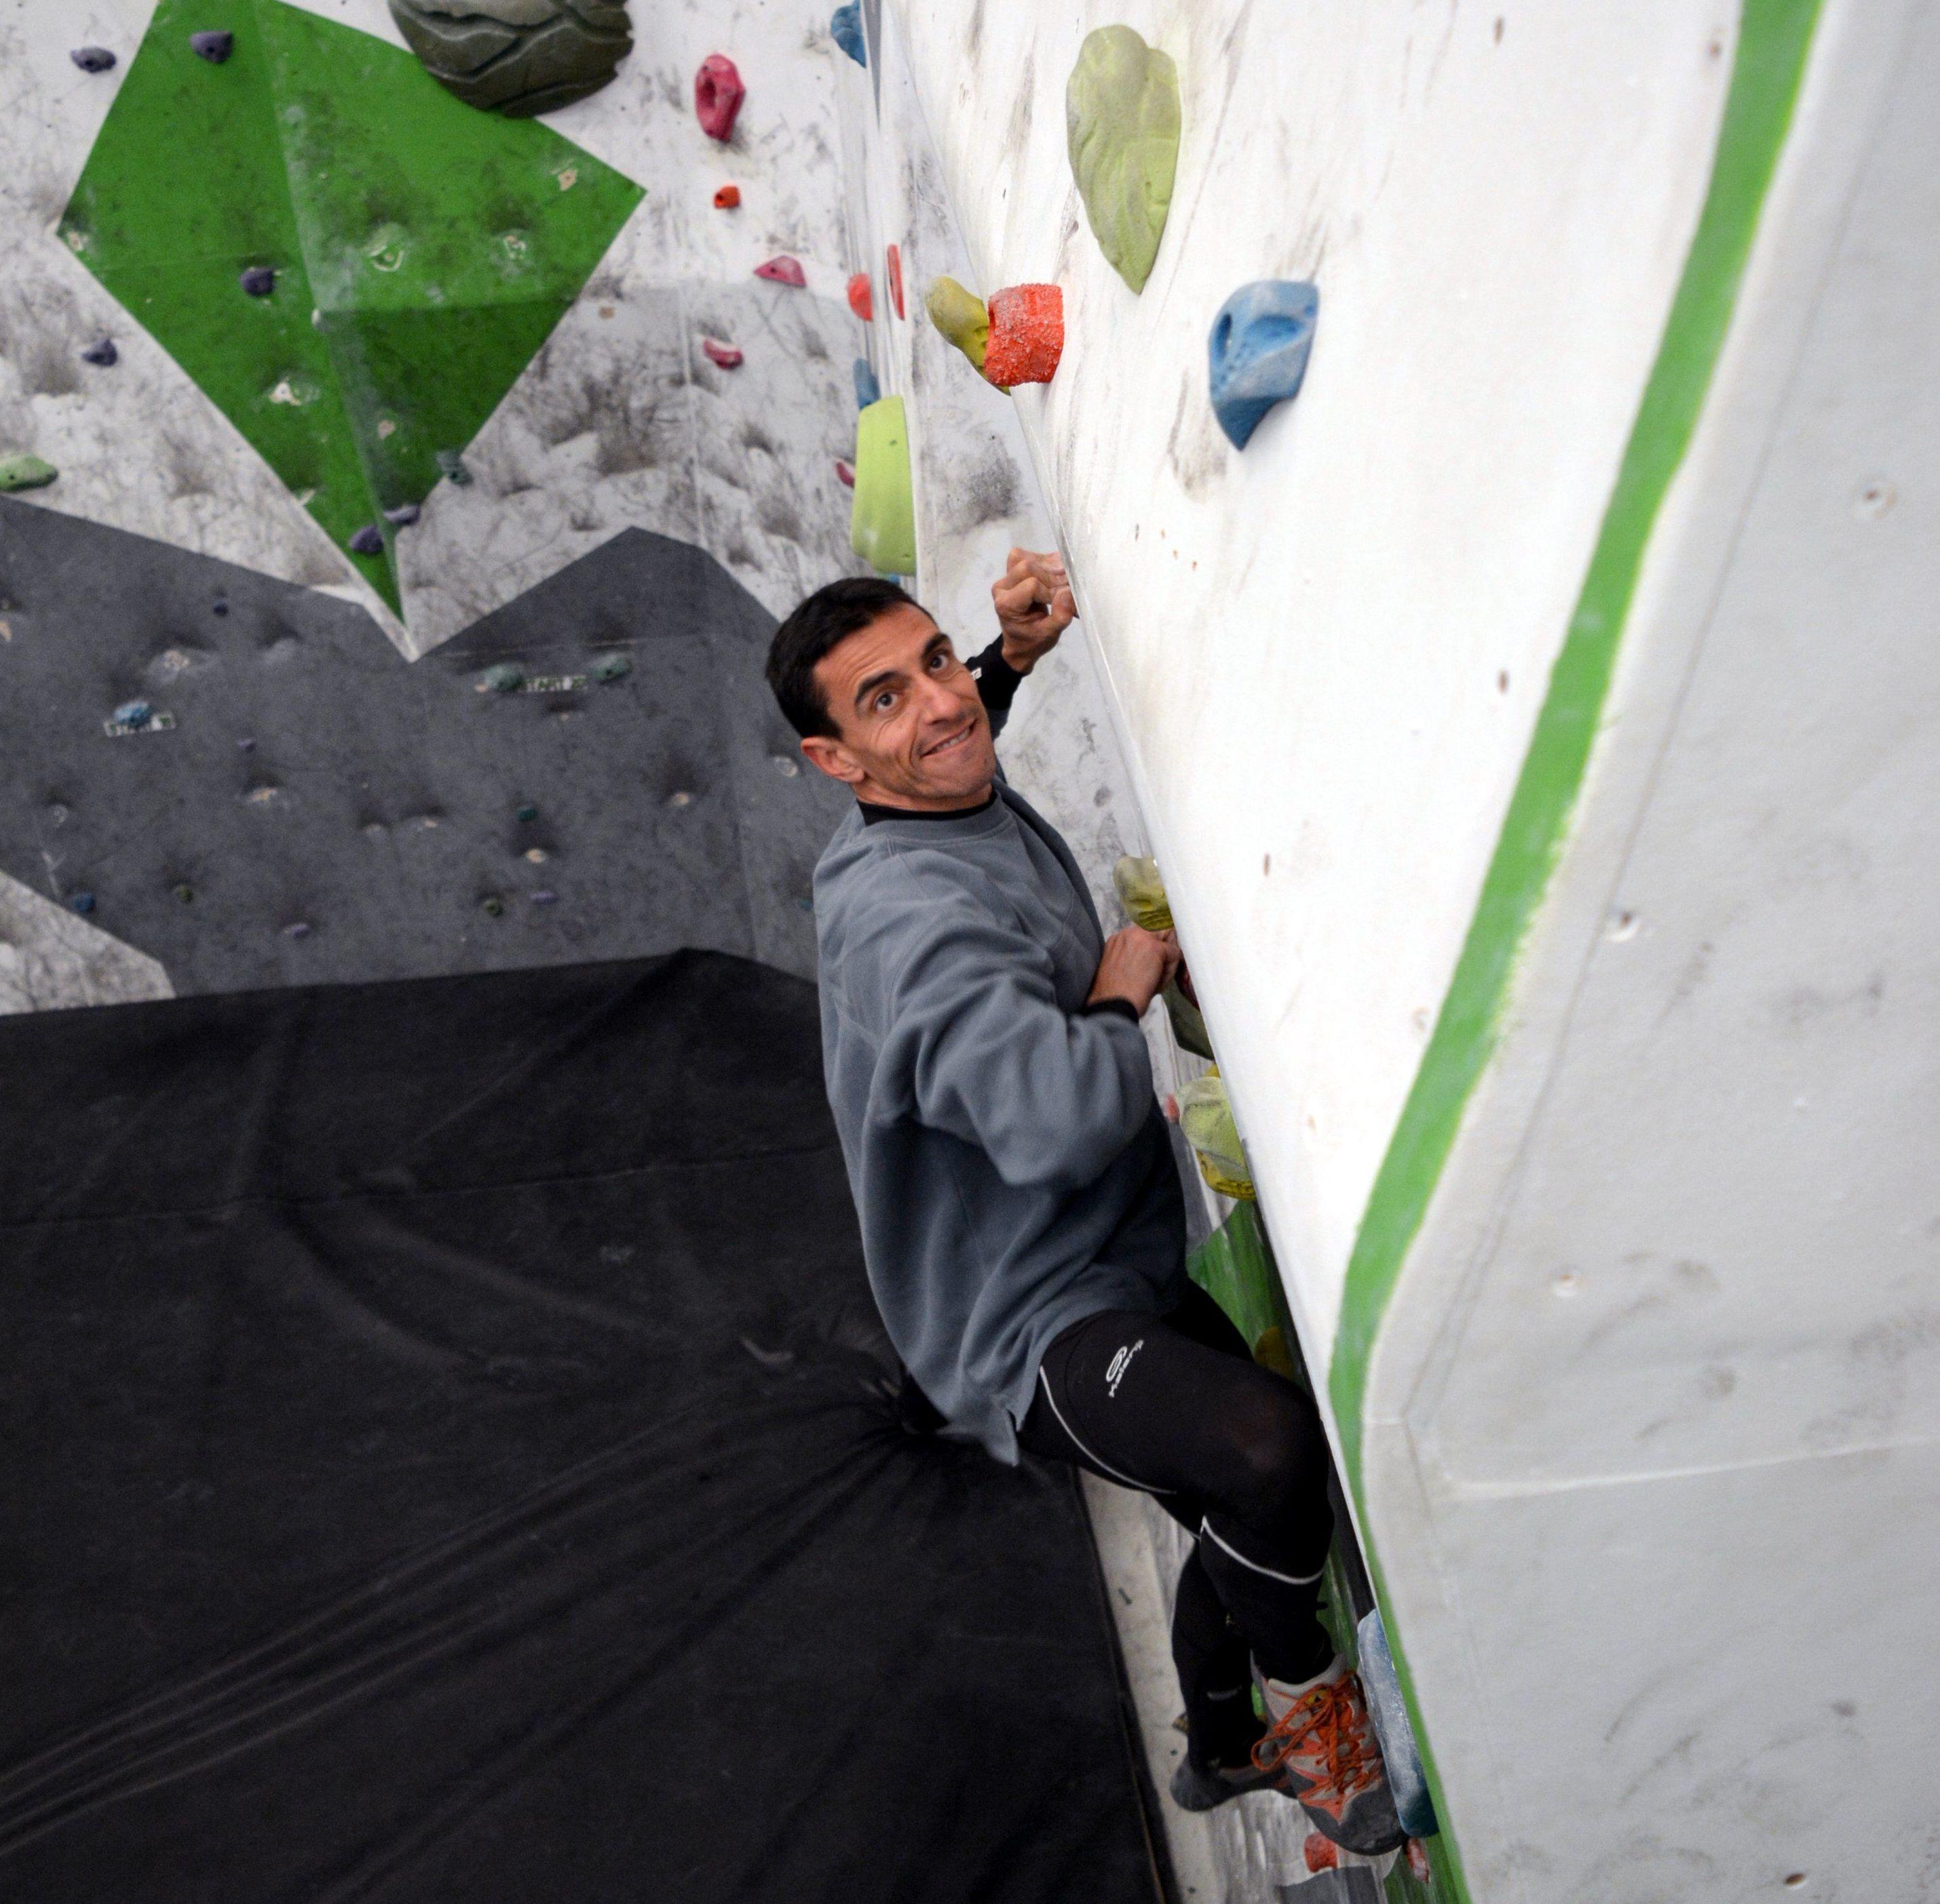 Bautizos de escalada: Qué te ofrecemos de UP Escuela de Escalada